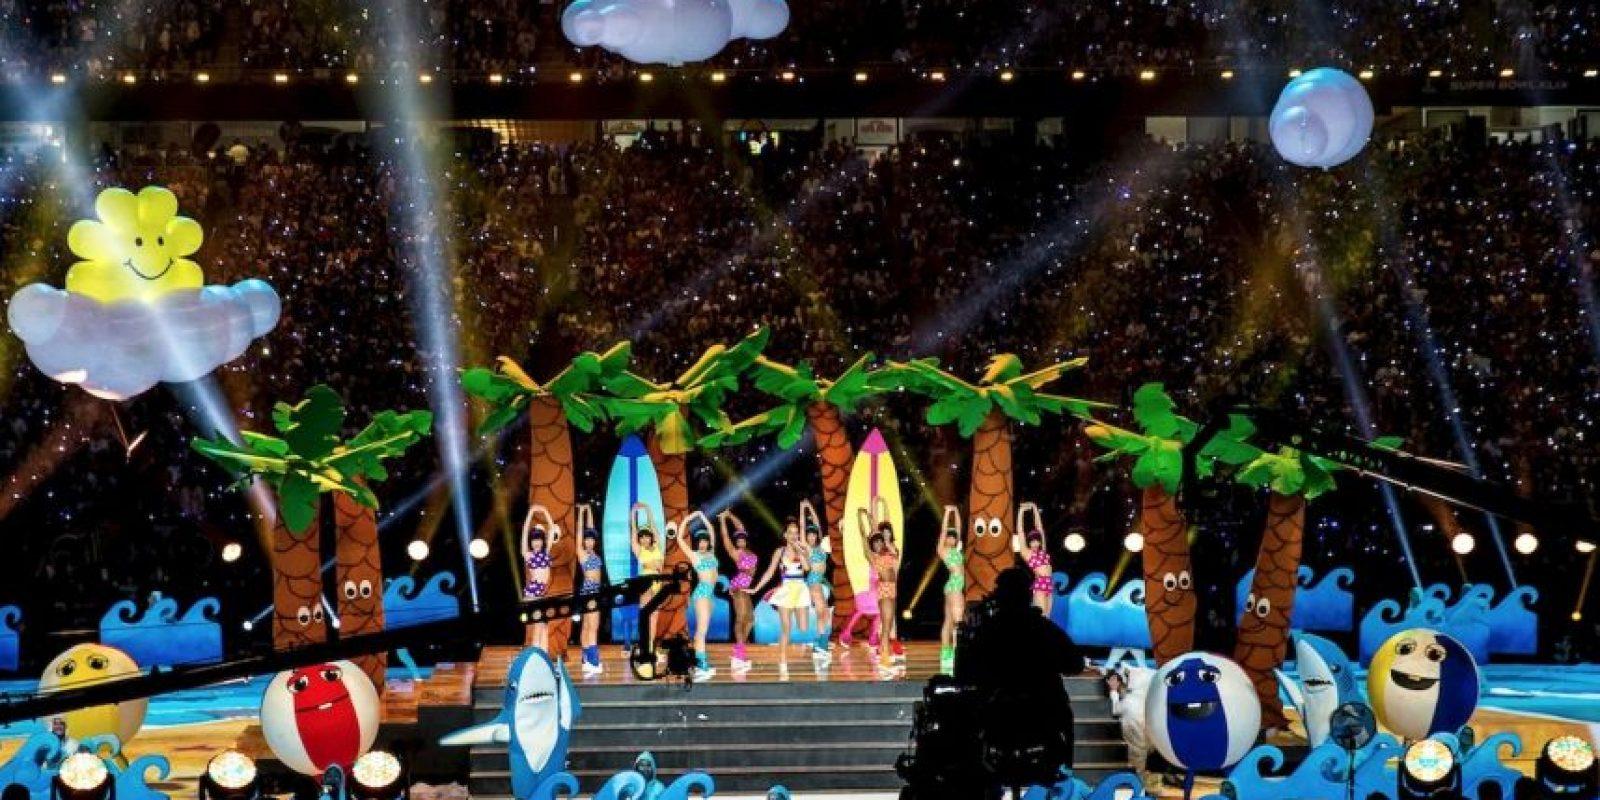 Para el siguiente número, una playa apareció en medio del escenario. Foto:Getty Images